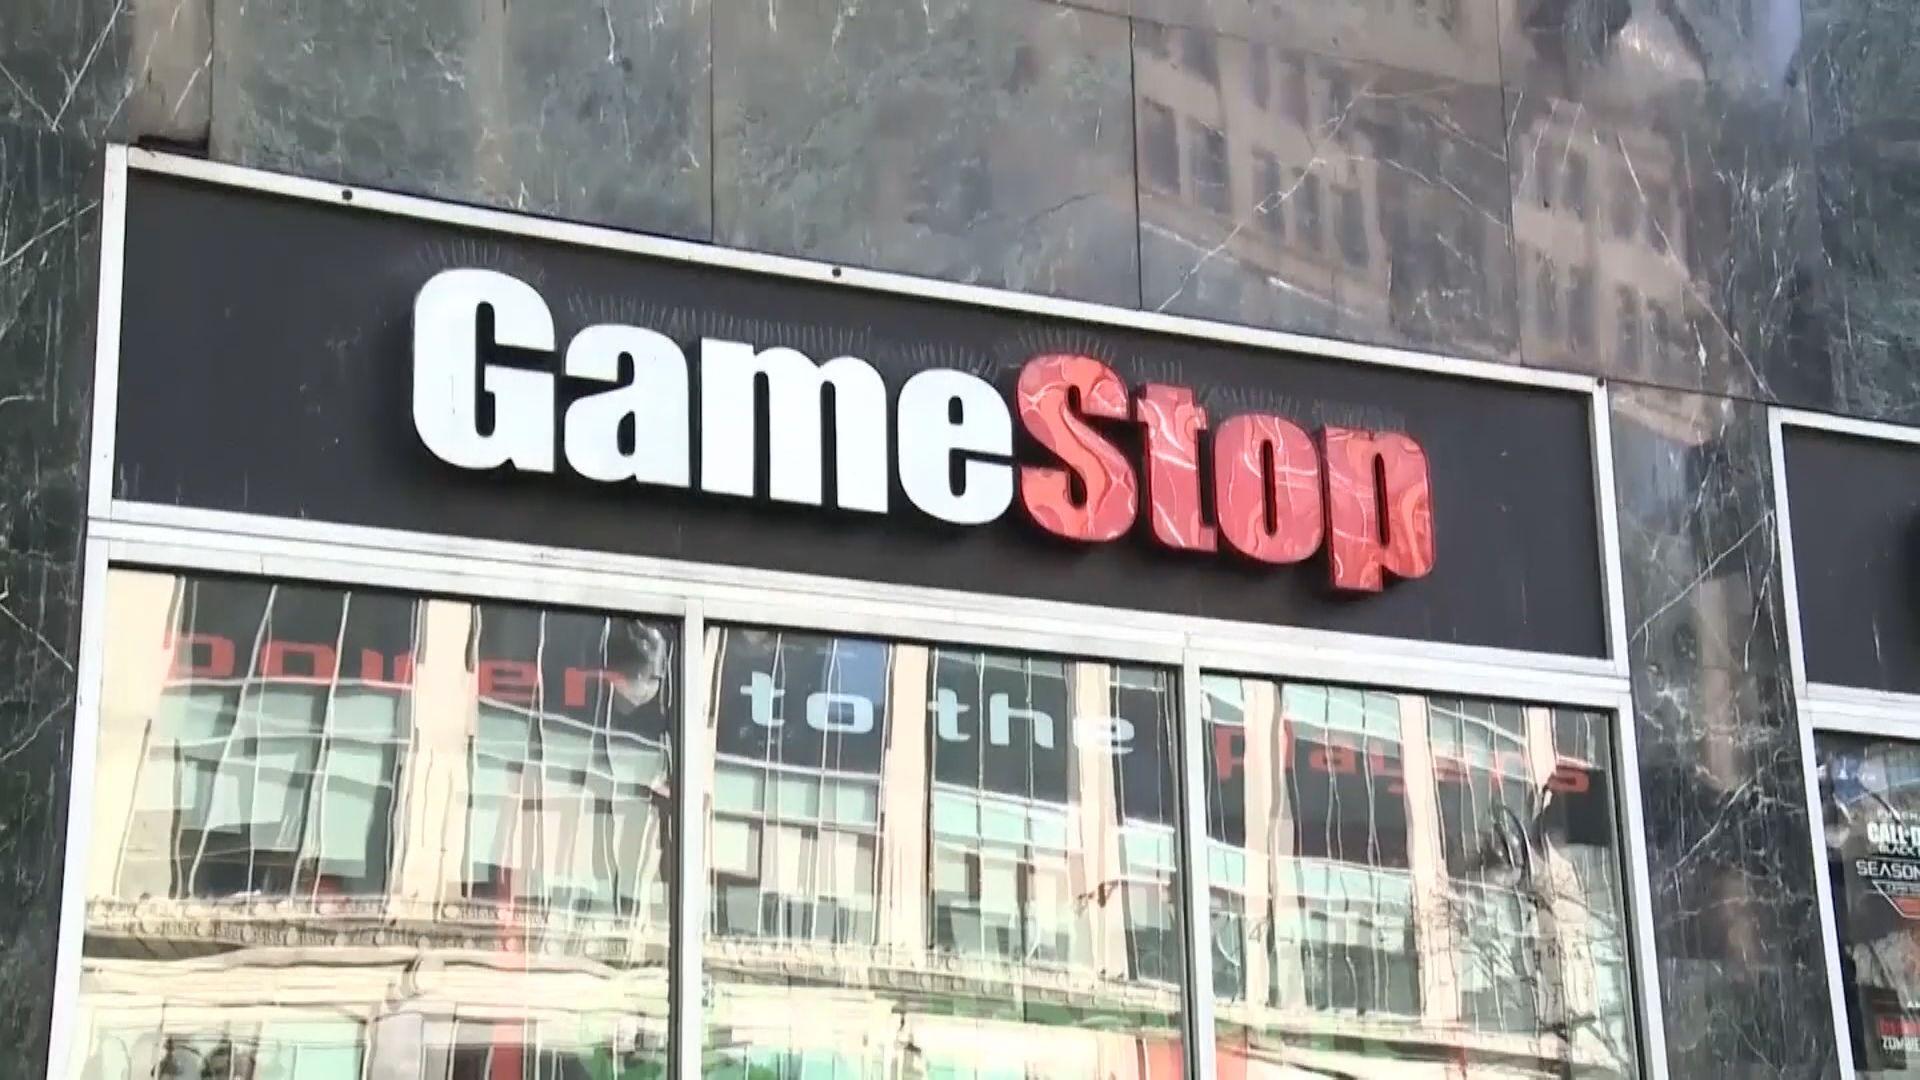 聯同監管機構!路透:耶倫開會傾GameStop事件